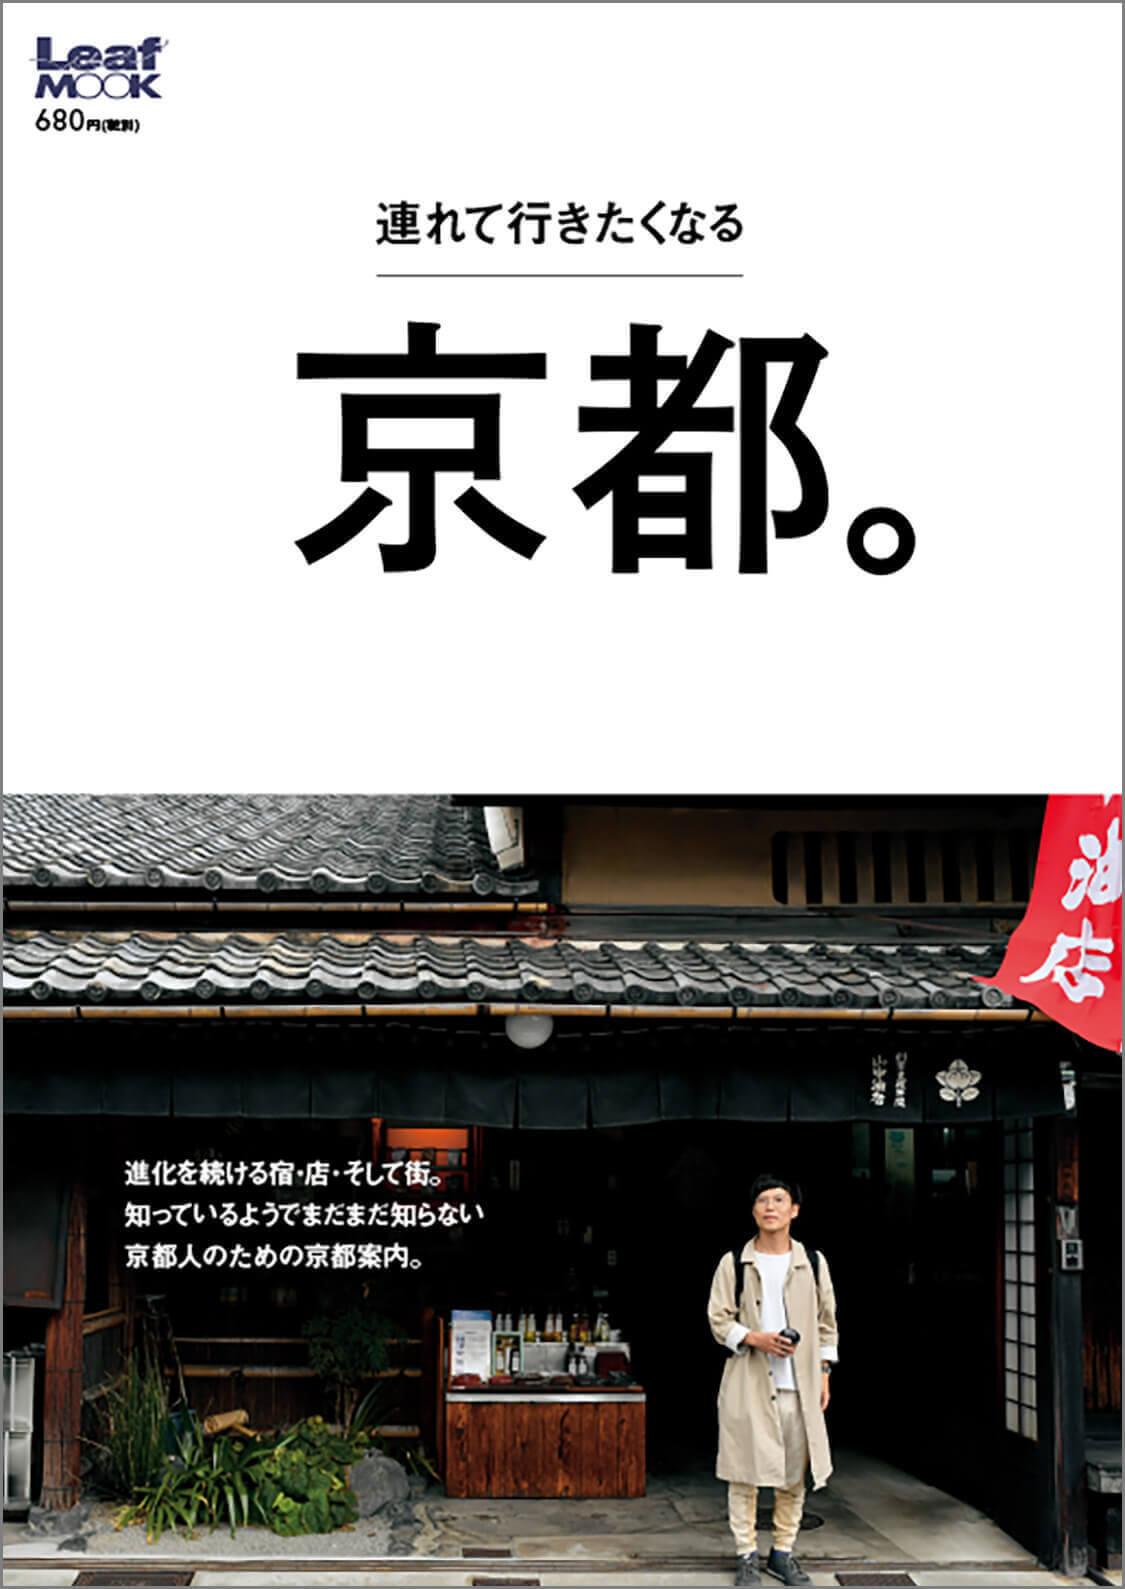 LeafMOOK  - 連れて行きたくなる京都。